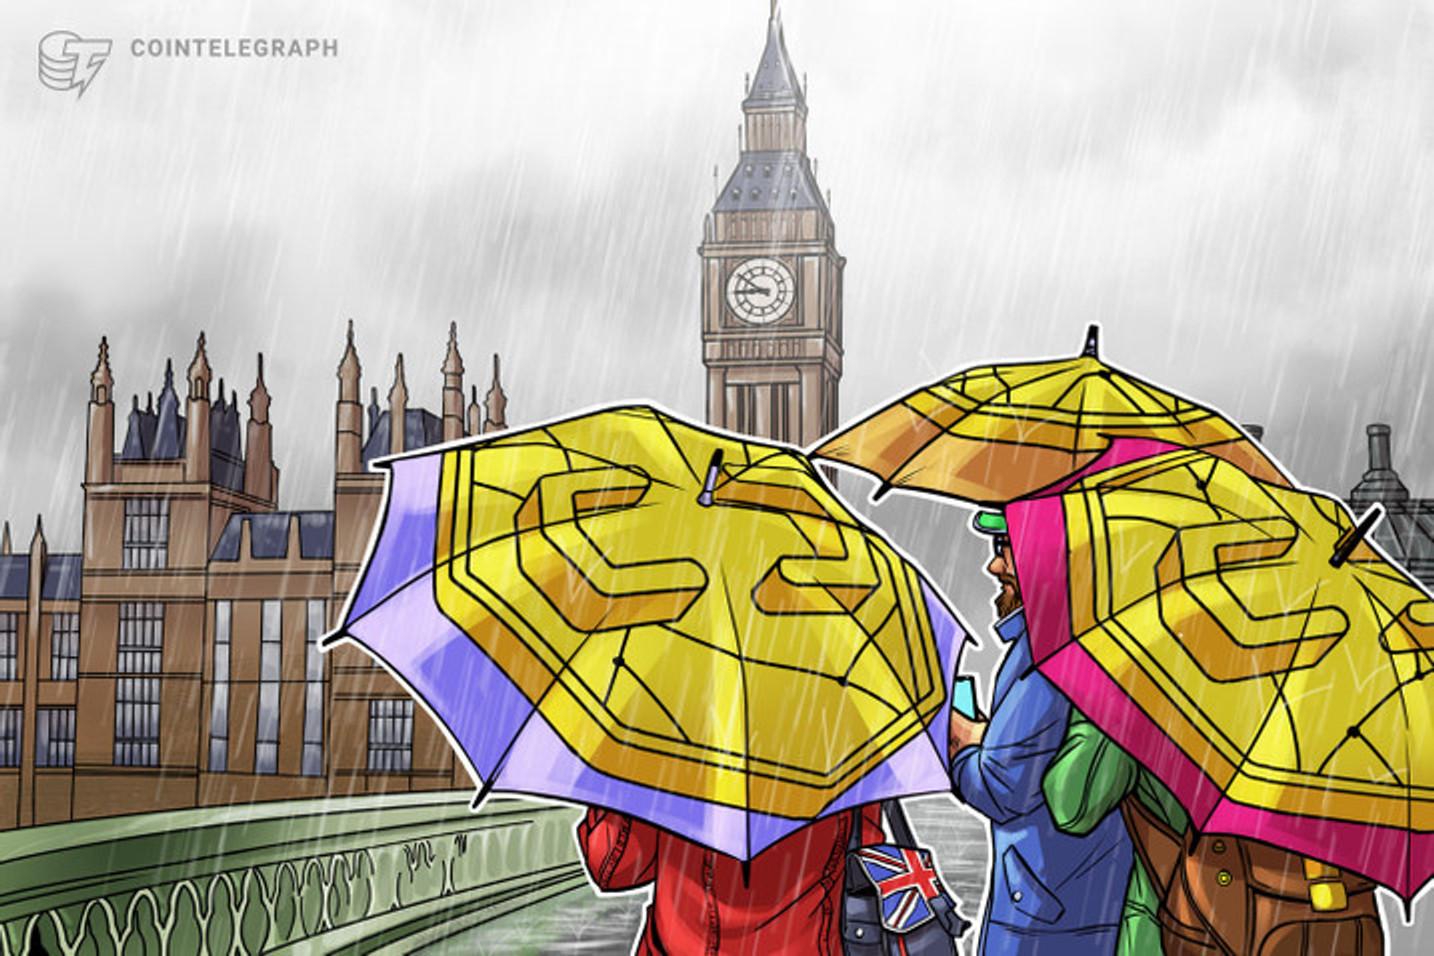 英国人が聞いたことある仮想通貨 1位はビットコイン 2位以降は意外な順位に